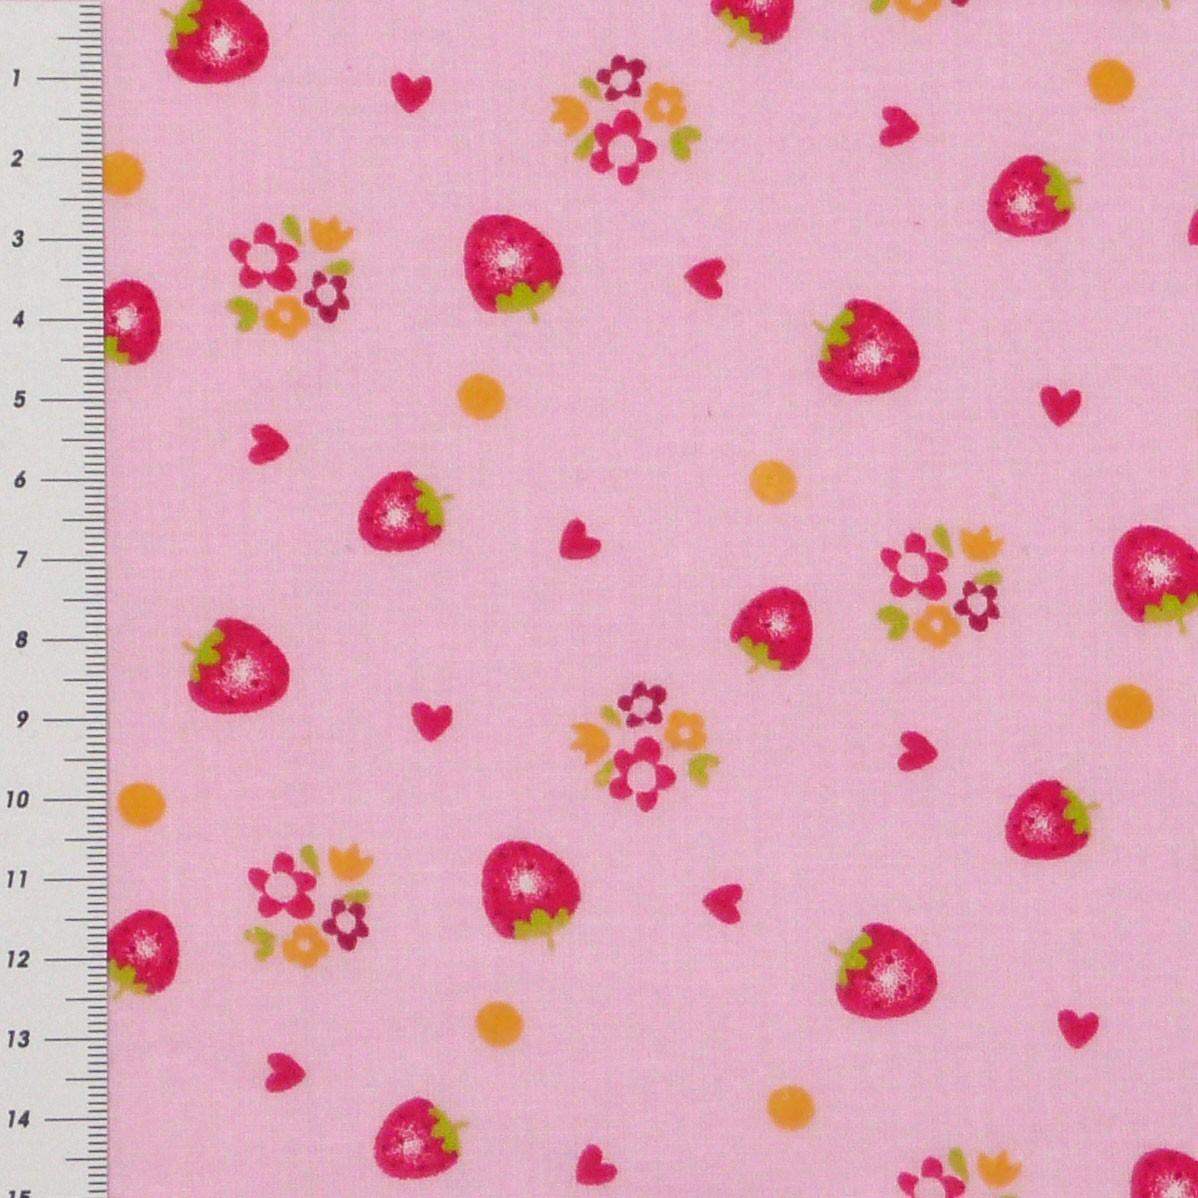 baumwolle stoff meterware erdbeeren auf rosa hintergrund stoffe stoffe gemustert stoff erdbeeren. Black Bedroom Furniture Sets. Home Design Ideas